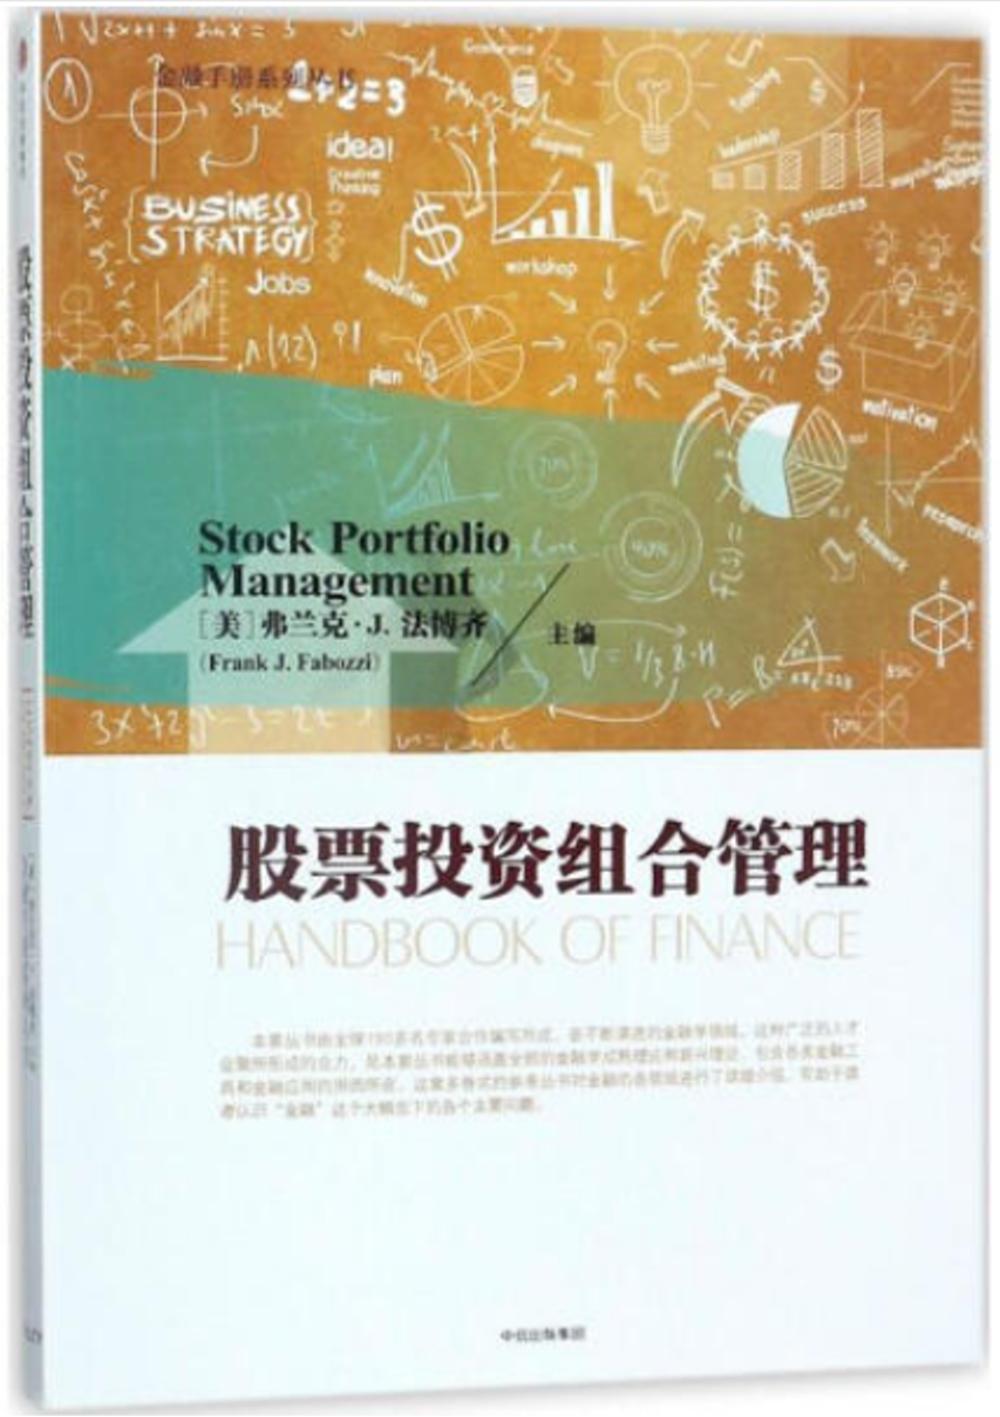 股票投資組合管理